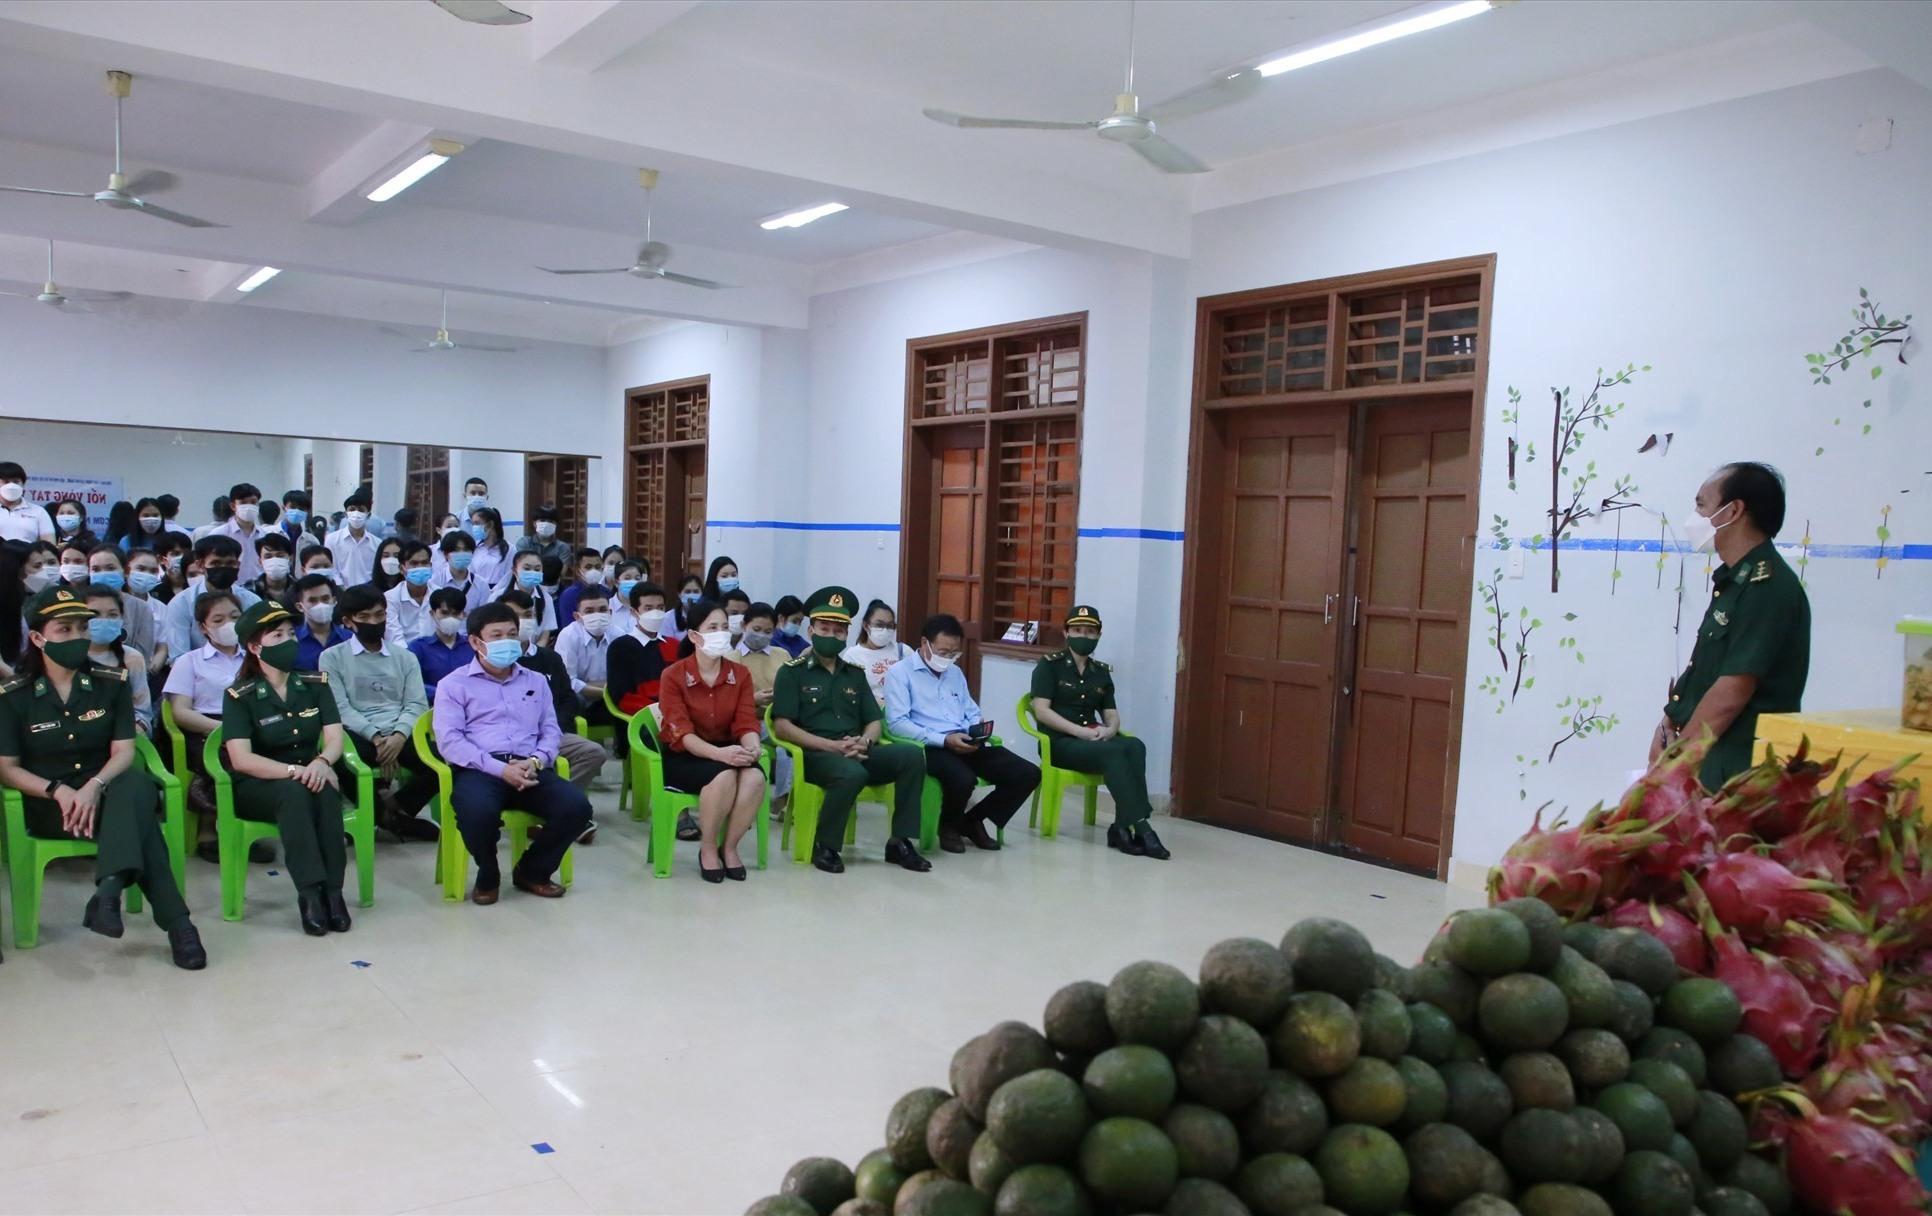 Nhà báo Lê Văn Chương (góc phải) chia sẻ về chương trình với các bạn sinh viên Lào. Ảnh: T.C